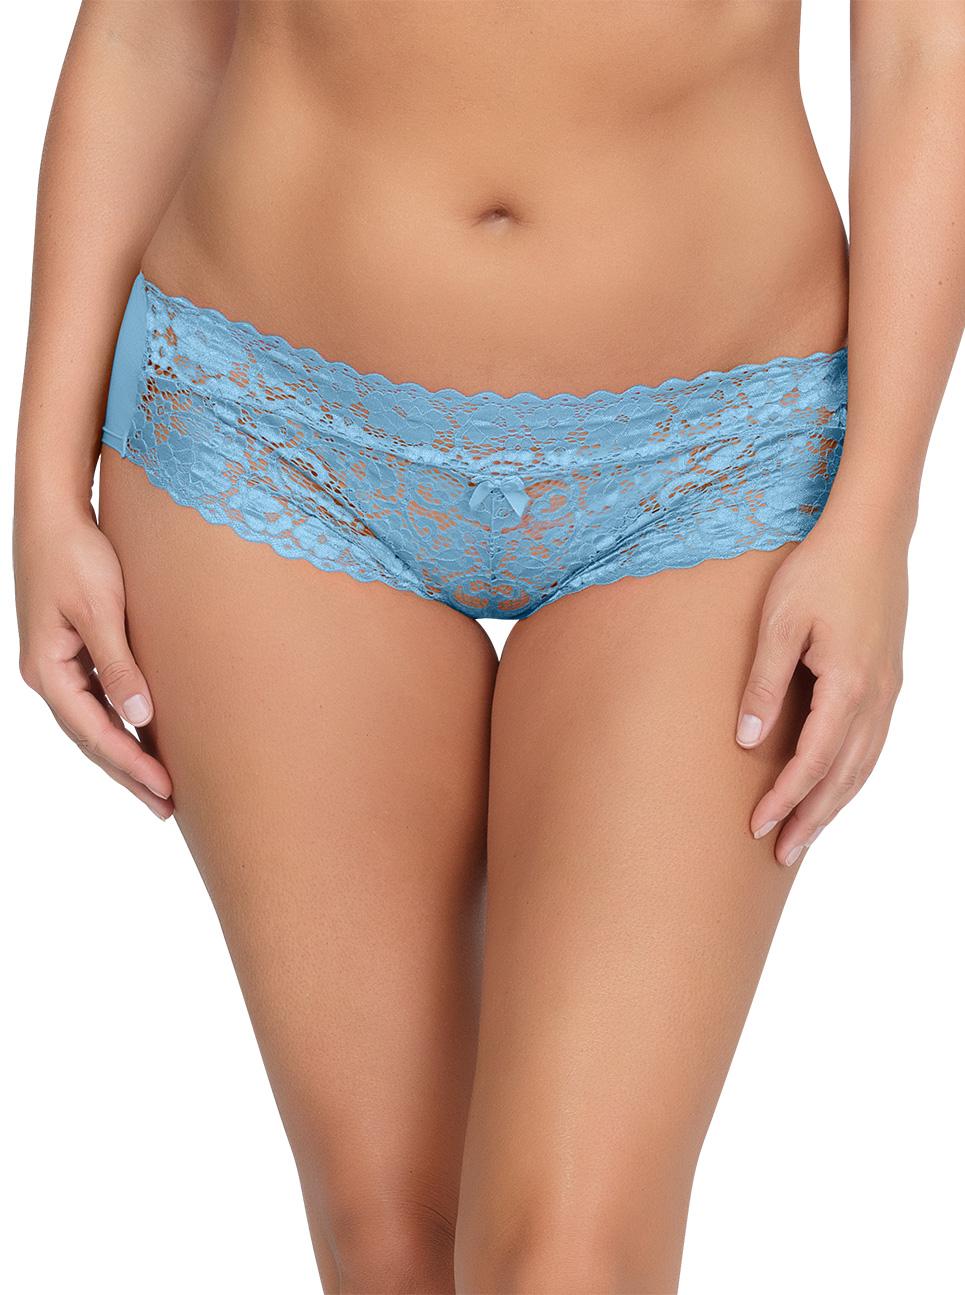 PARFAIT Adriana BikiniP5483 SkyBlue Front - Adriana Bikini - Sky Blue - P5483